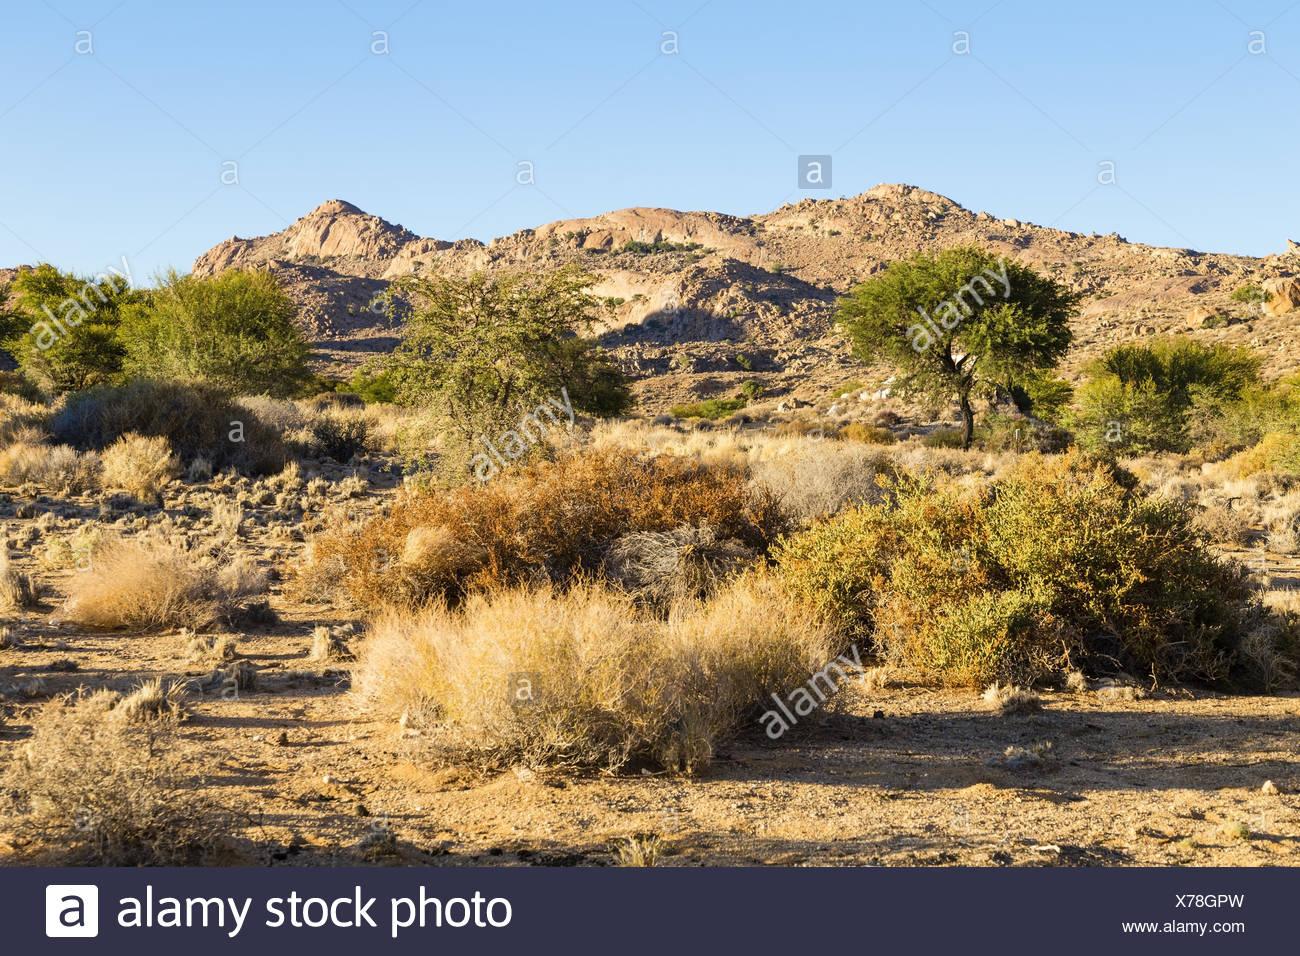 Aus mountains in Namibia - Stock Image